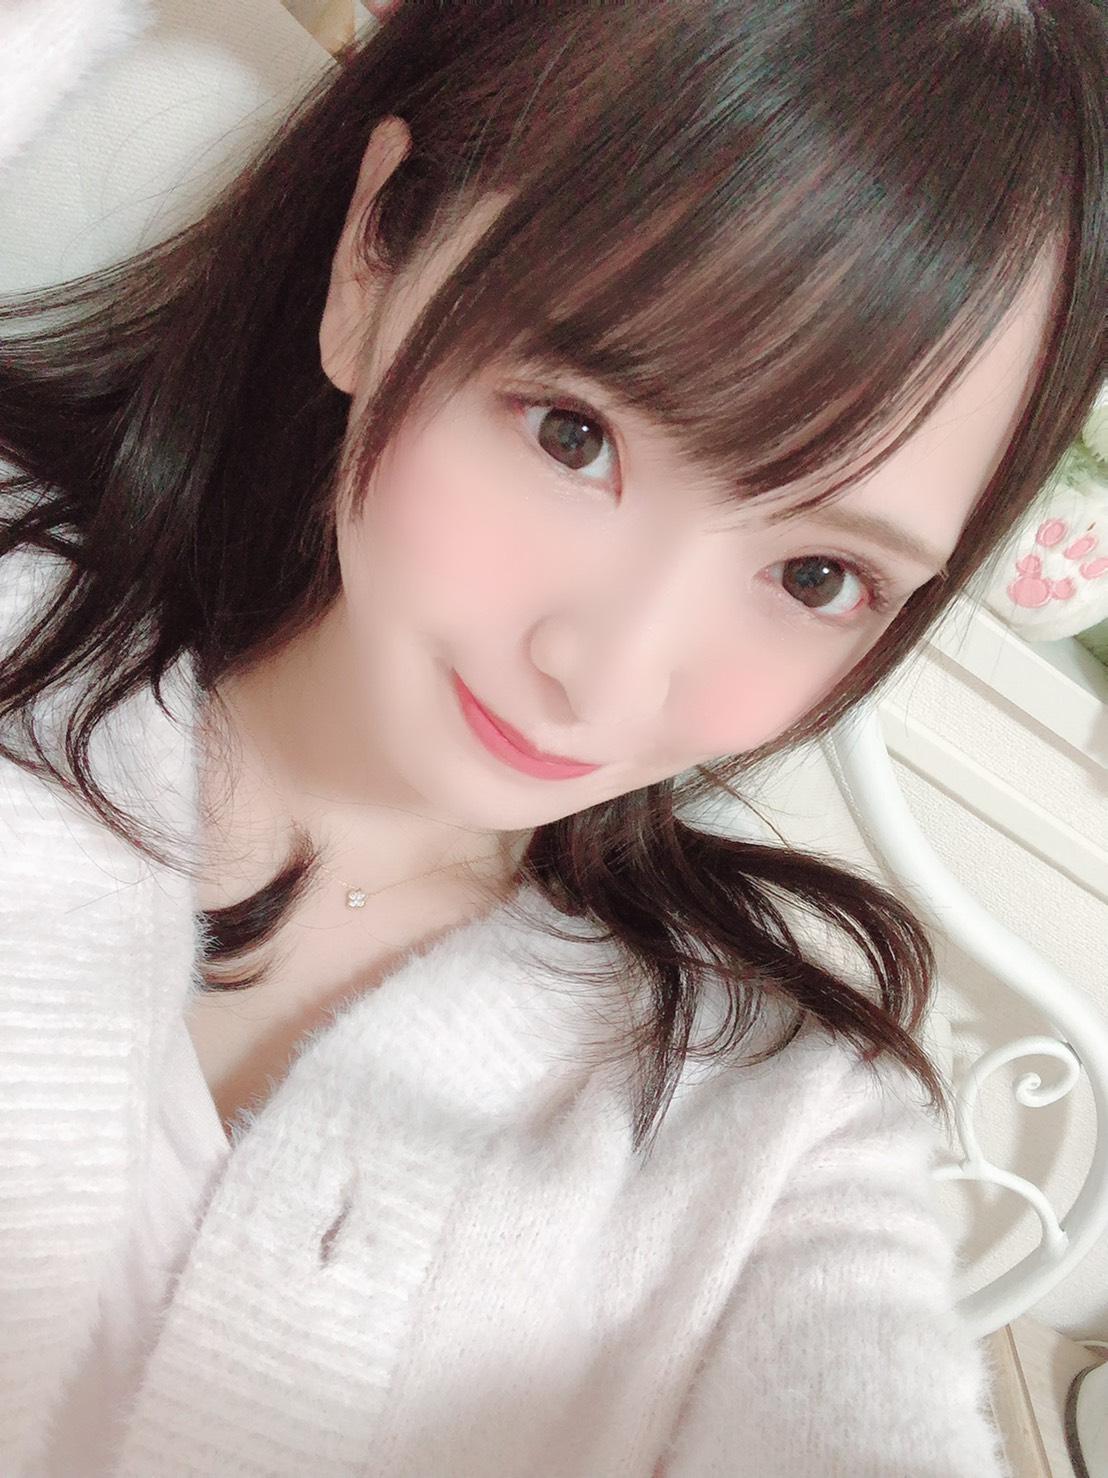 【ひなたチャレンジ①】美少女の壁イチオシ